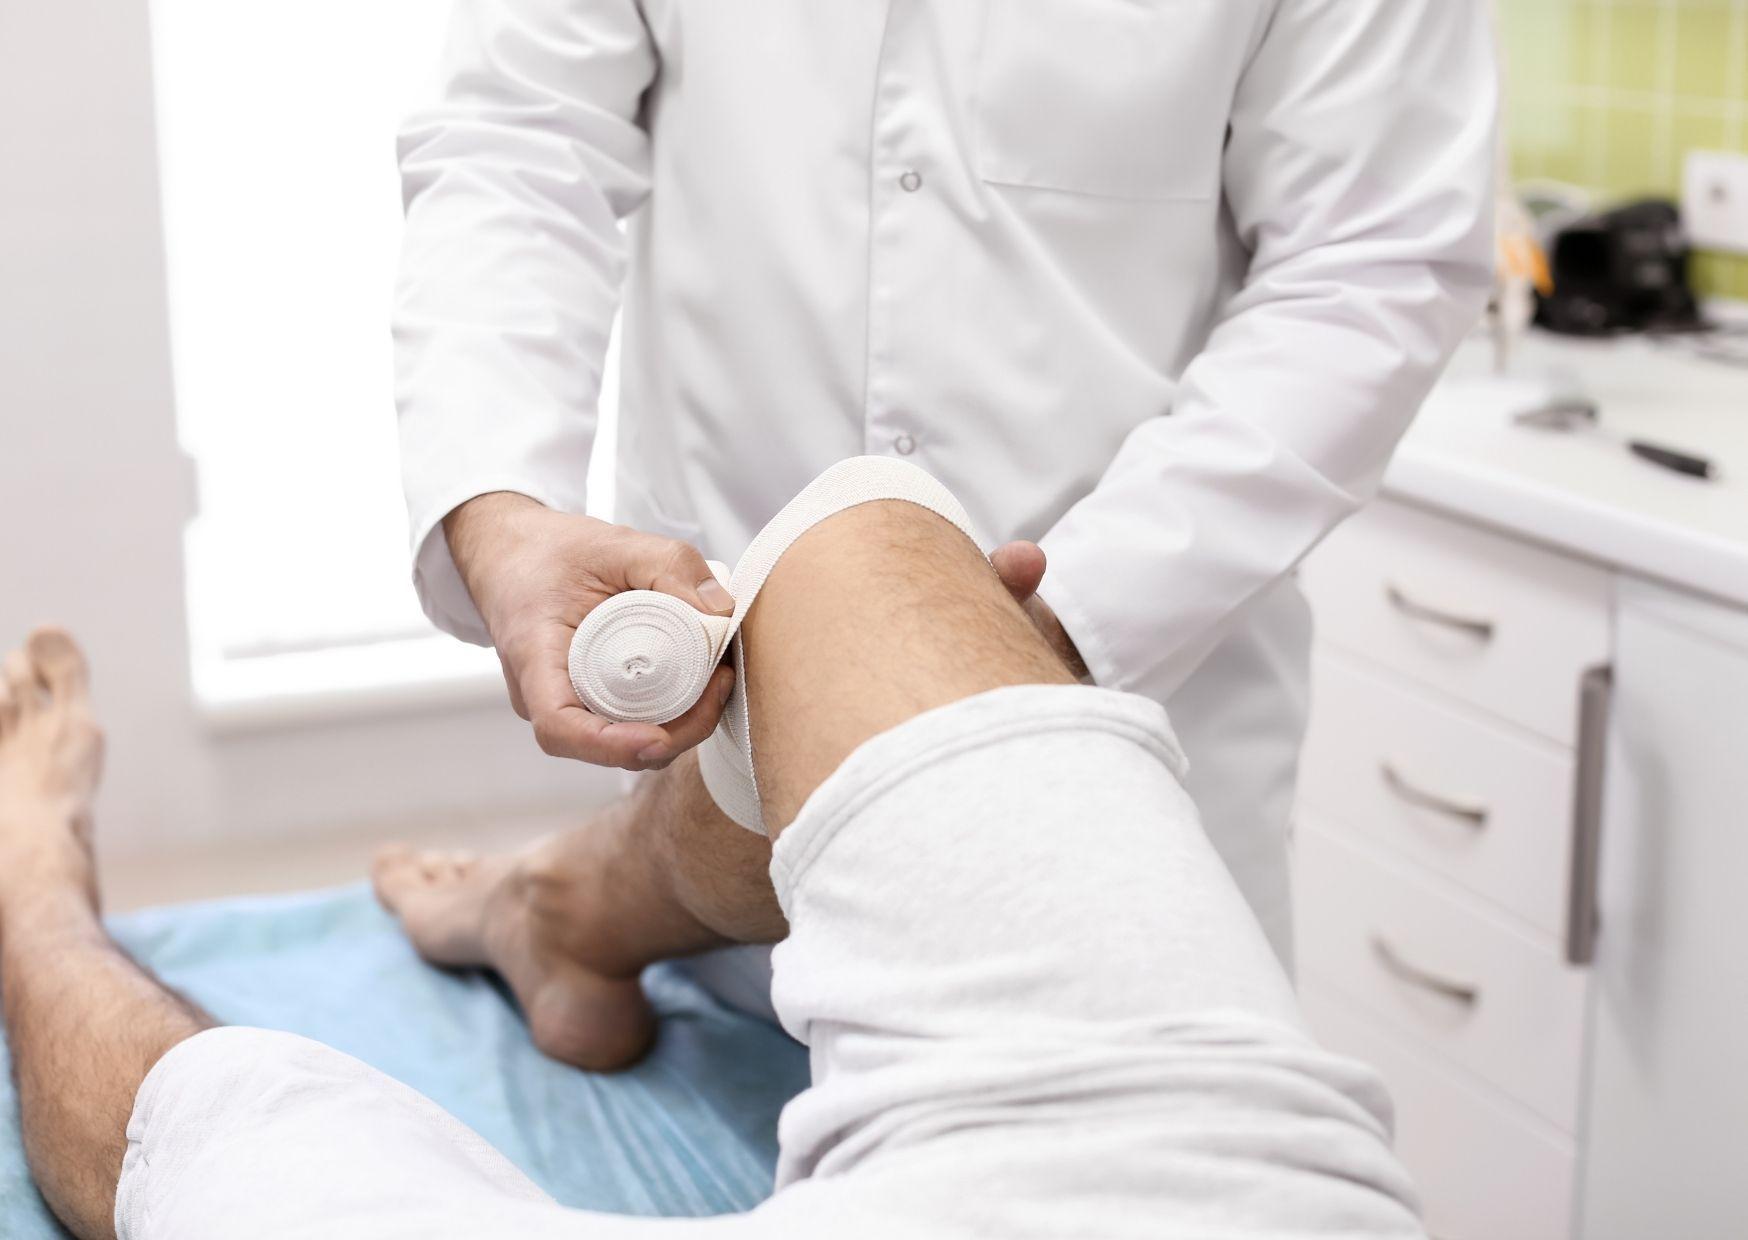 Łódzkie: Pijany ortopeda na dyżurze. Miał 1,9 promila - Zdjęcie główne